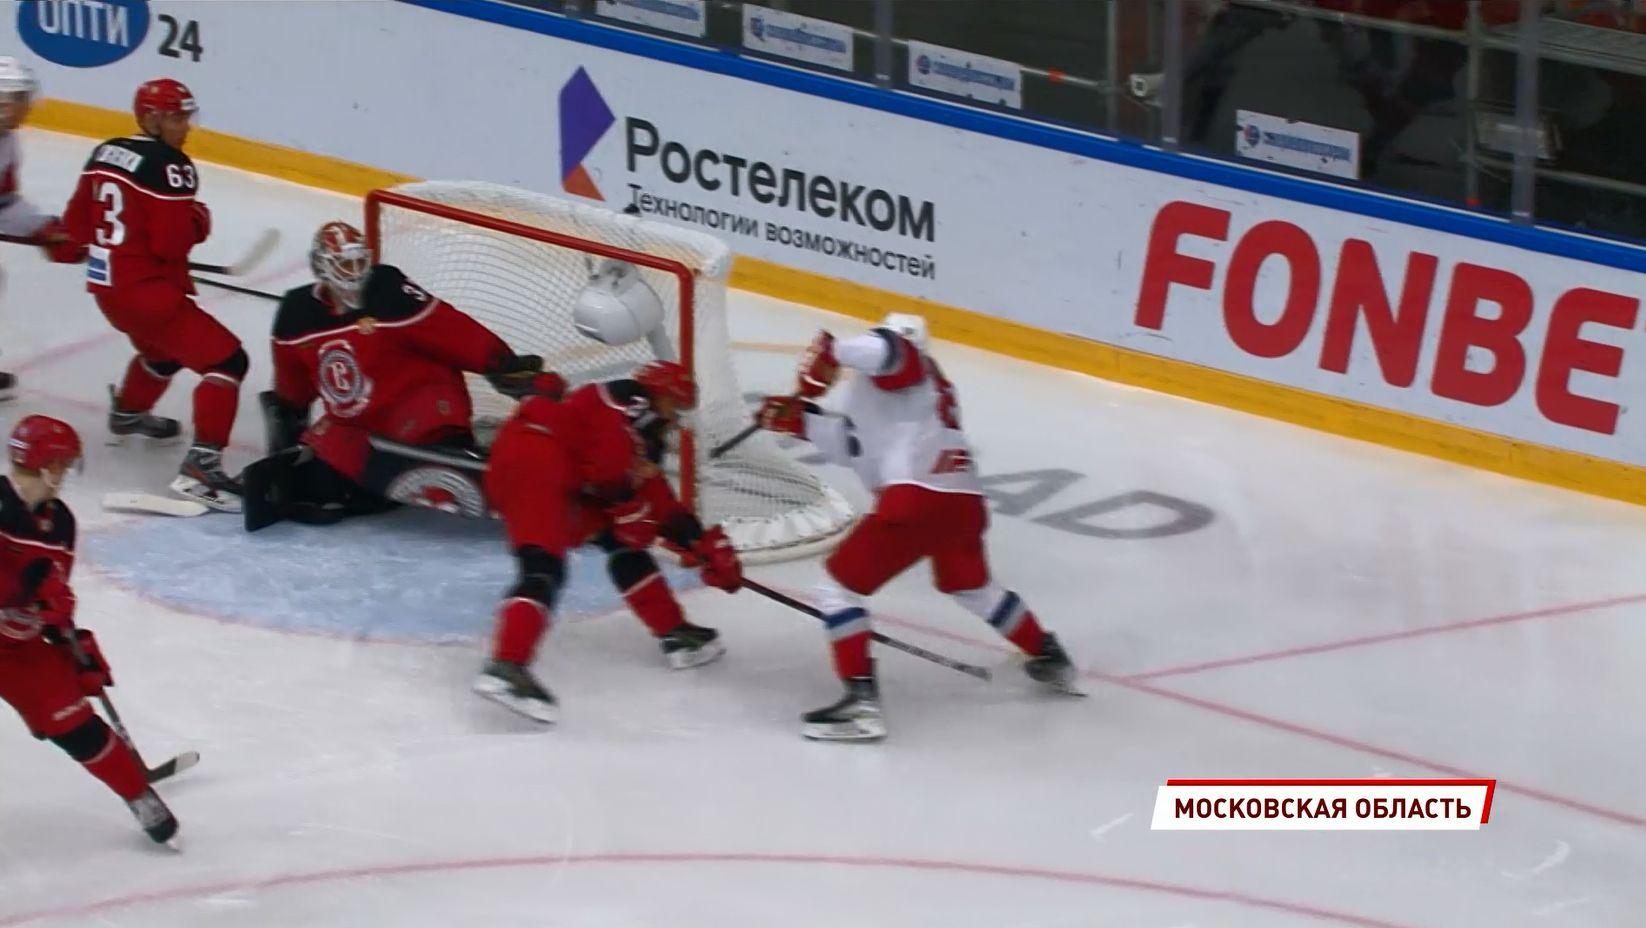 Вторая победа подряд с одинаковым счетом - Ярославский «Локомотив» обыграл «Витязь» в гостевом поединке